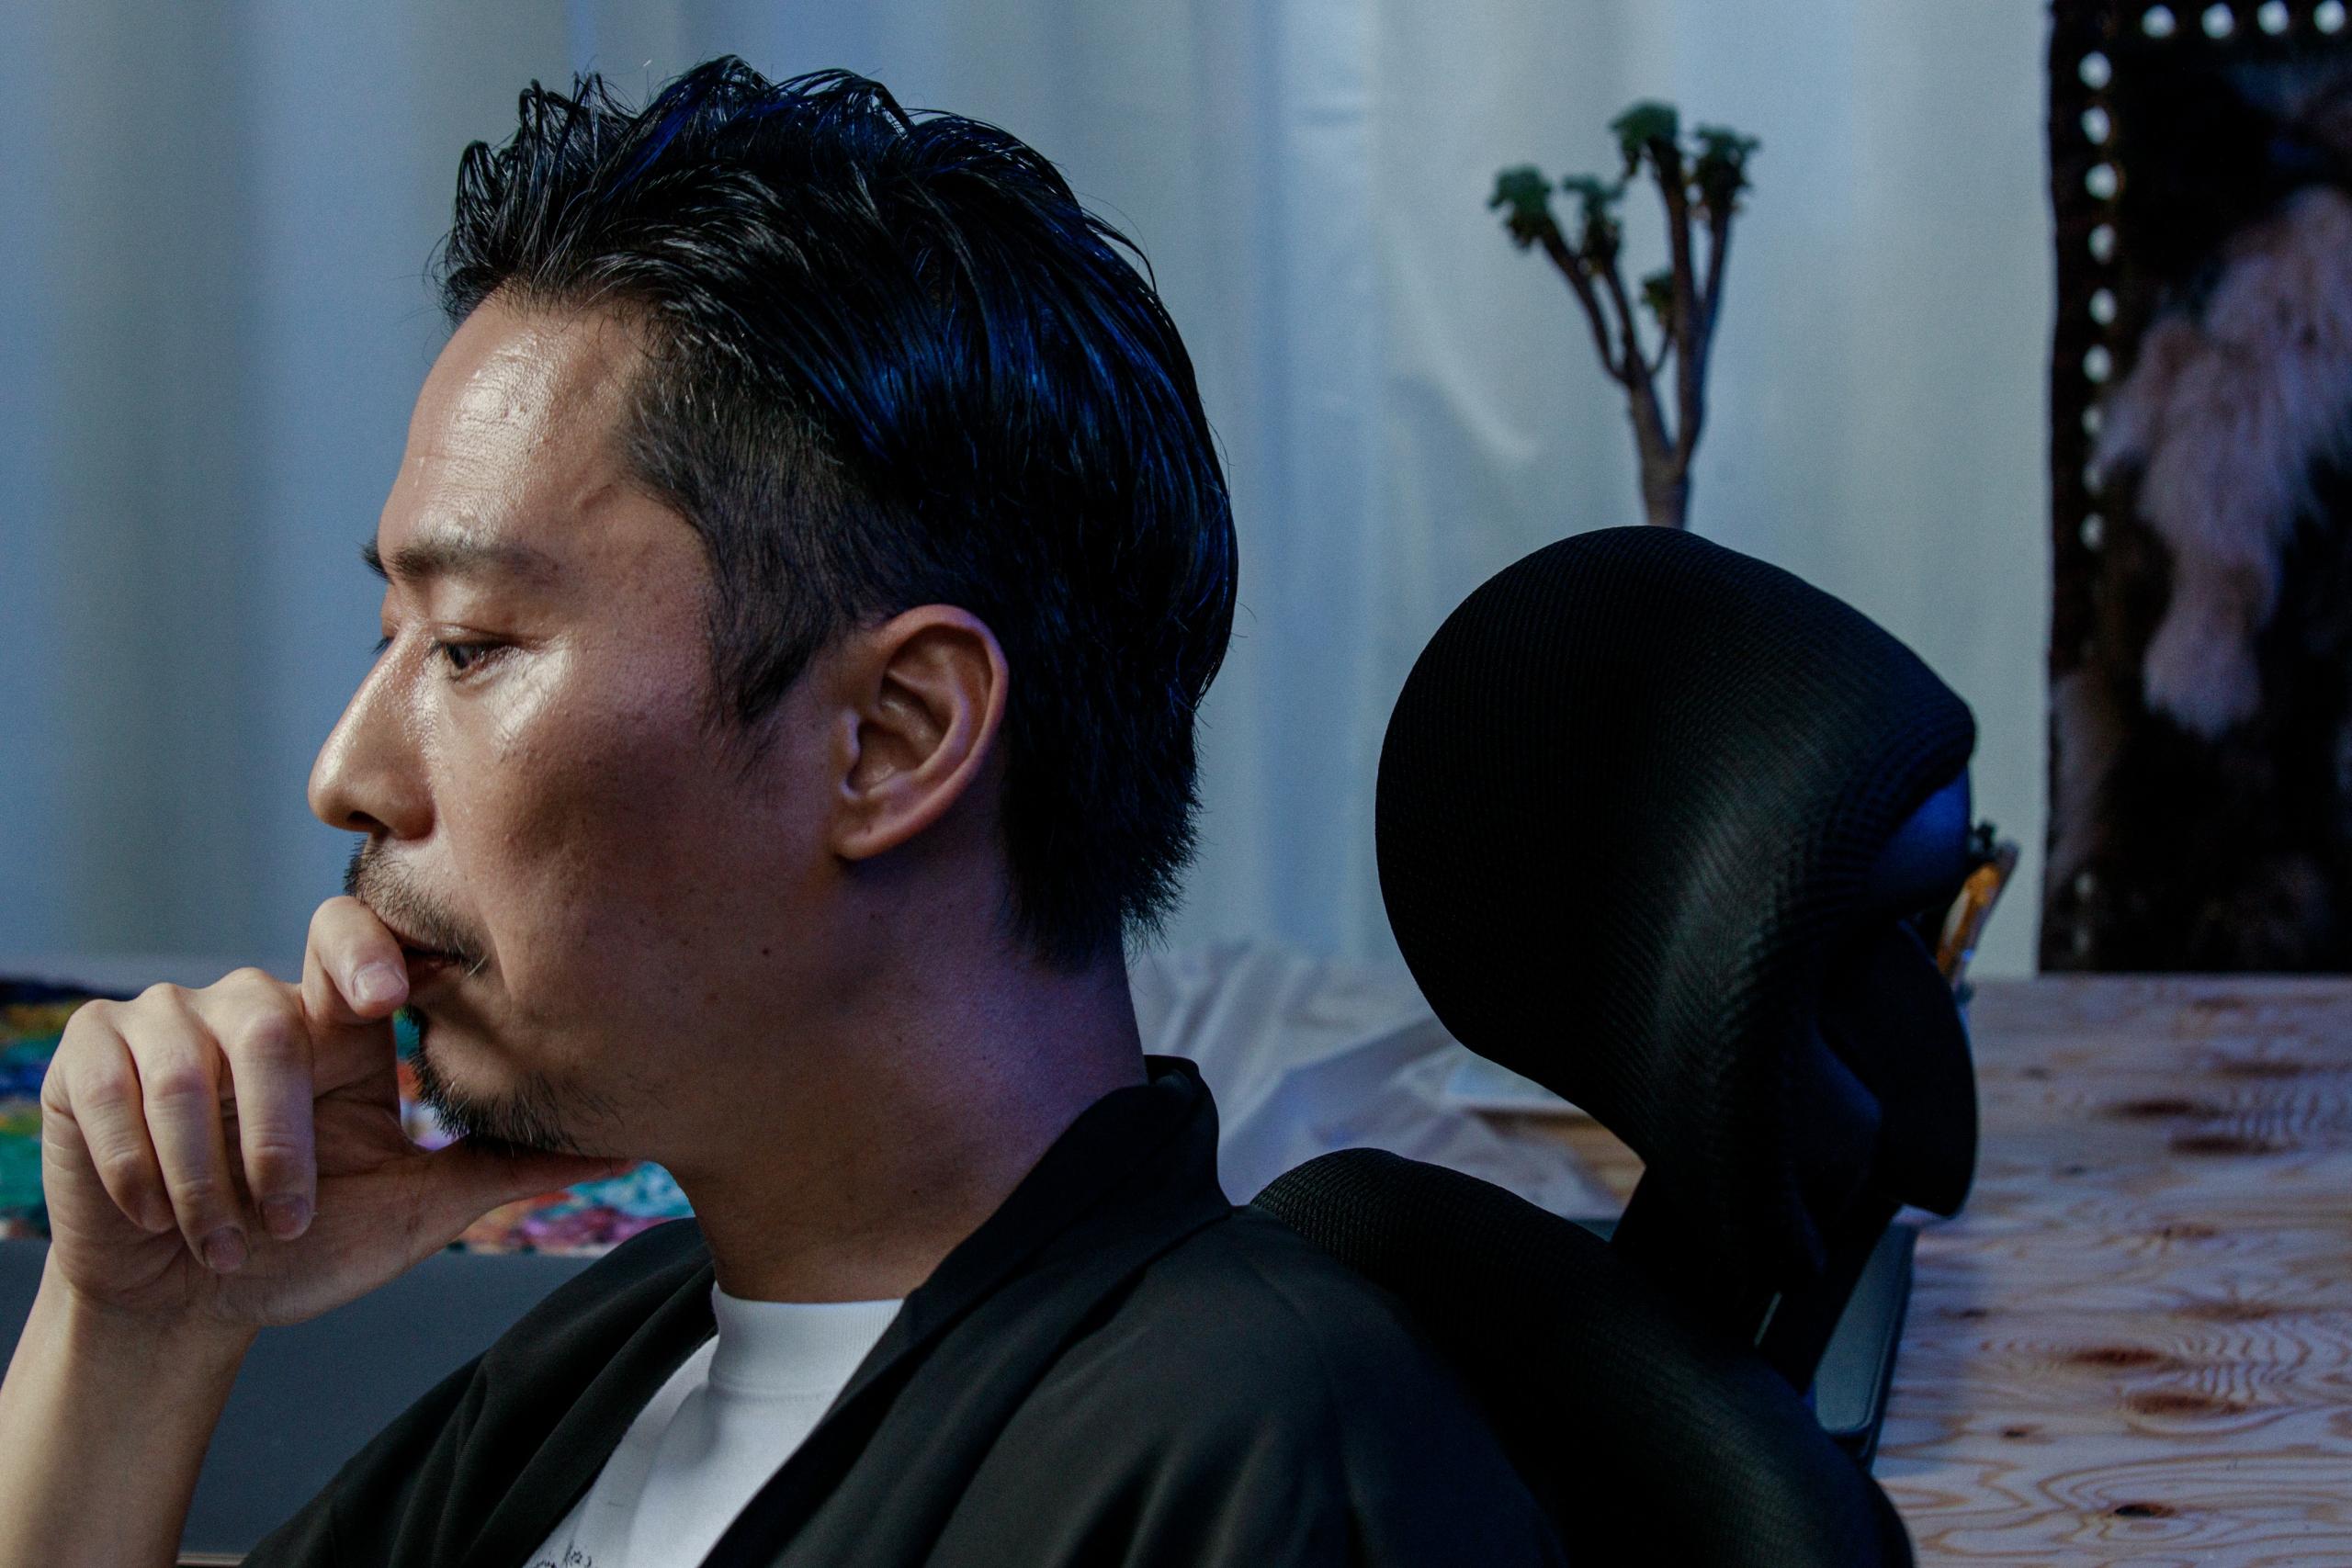 バチェラー・ジャパン司会進行役・アーティスト・俳優「硫黄島からの手紙」坂東工さん